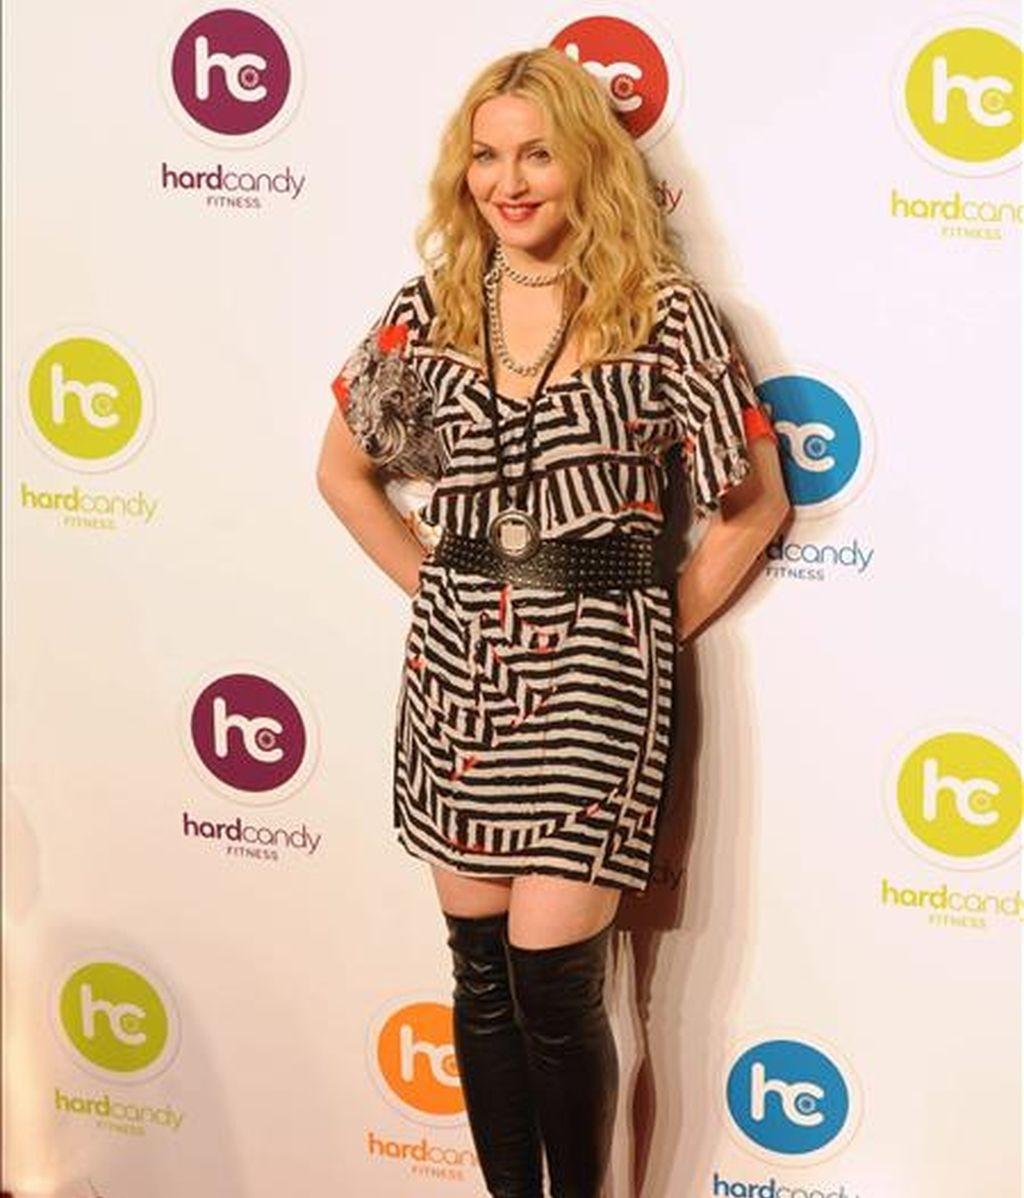 La cantante estadounidense Madonna llega a la inauguración, en un barrio exclusivo de Ciudad de México (México), del primero de diez gimnasios en el mundo de su cadena Hard Candy Fitness. EFE